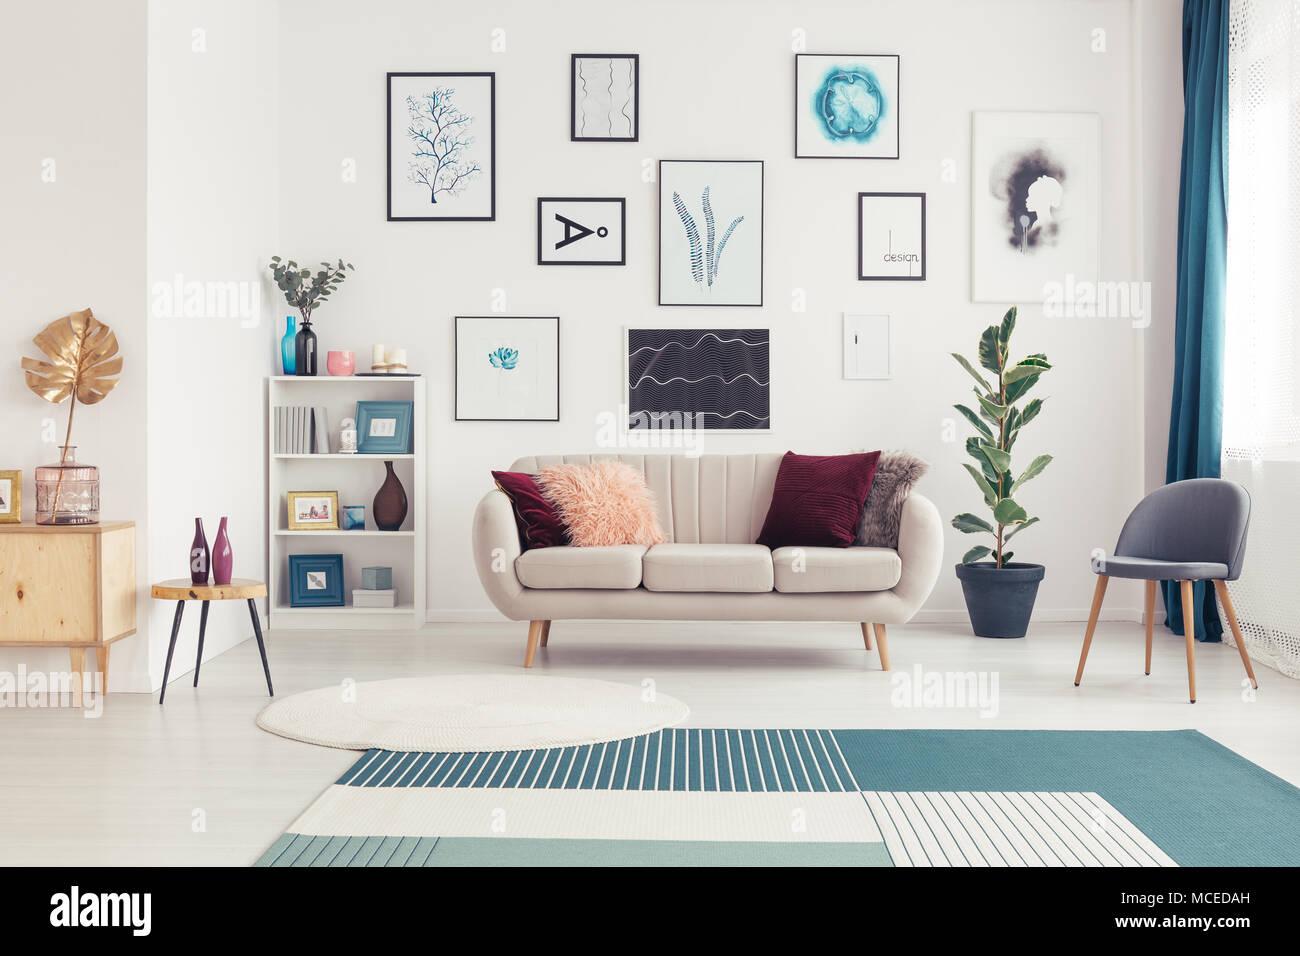 Posters In Interieur : Galerie de posters dans grand salon intérieur avec canapé à côté